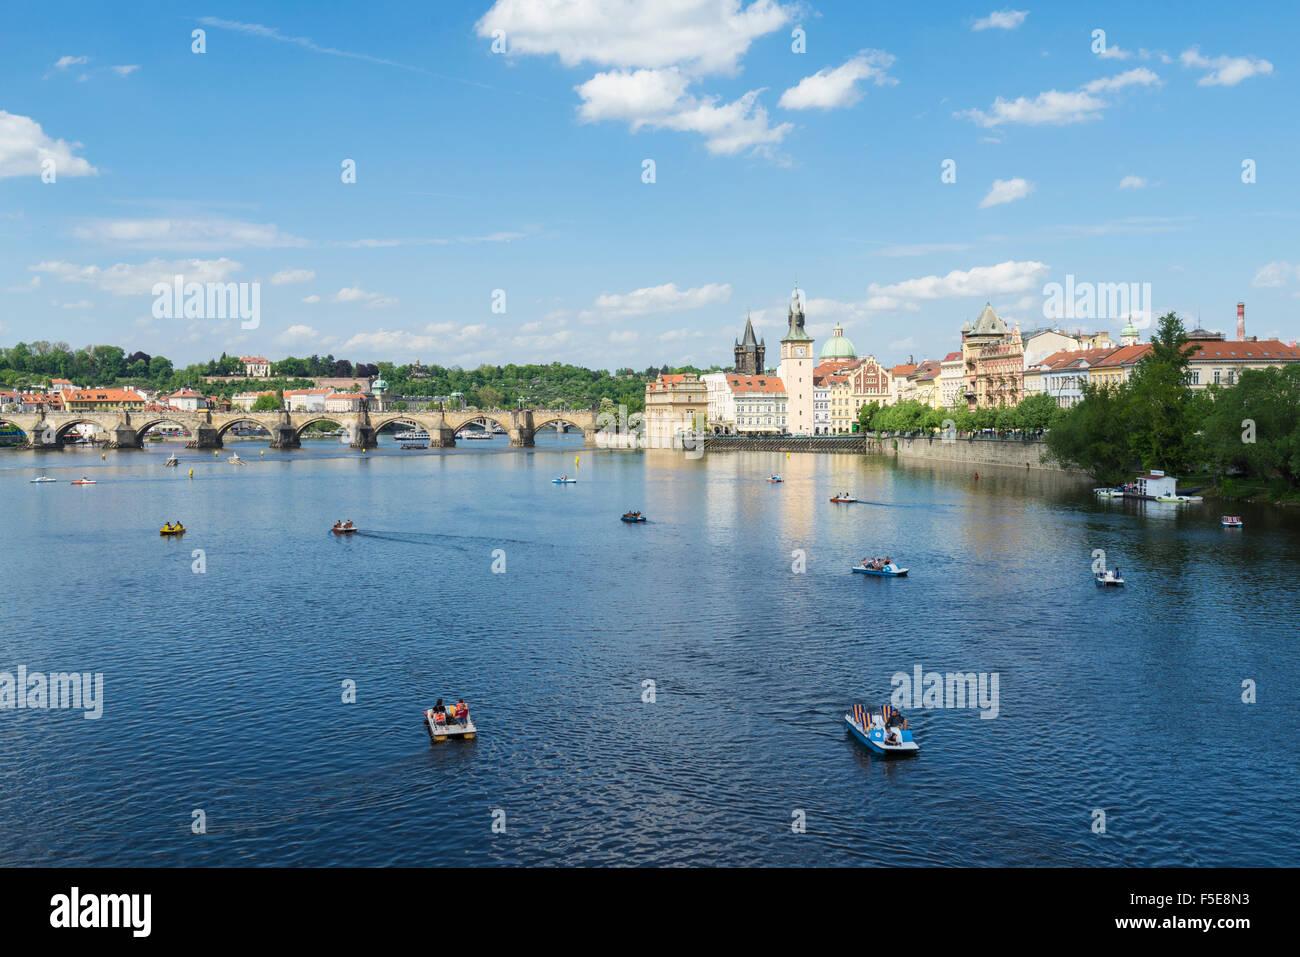 Il fiume Moldava e il Ponte Carlo su una soleggiata giornata di primavera, Praga, Repubblica Ceca, Europa Immagini Stock